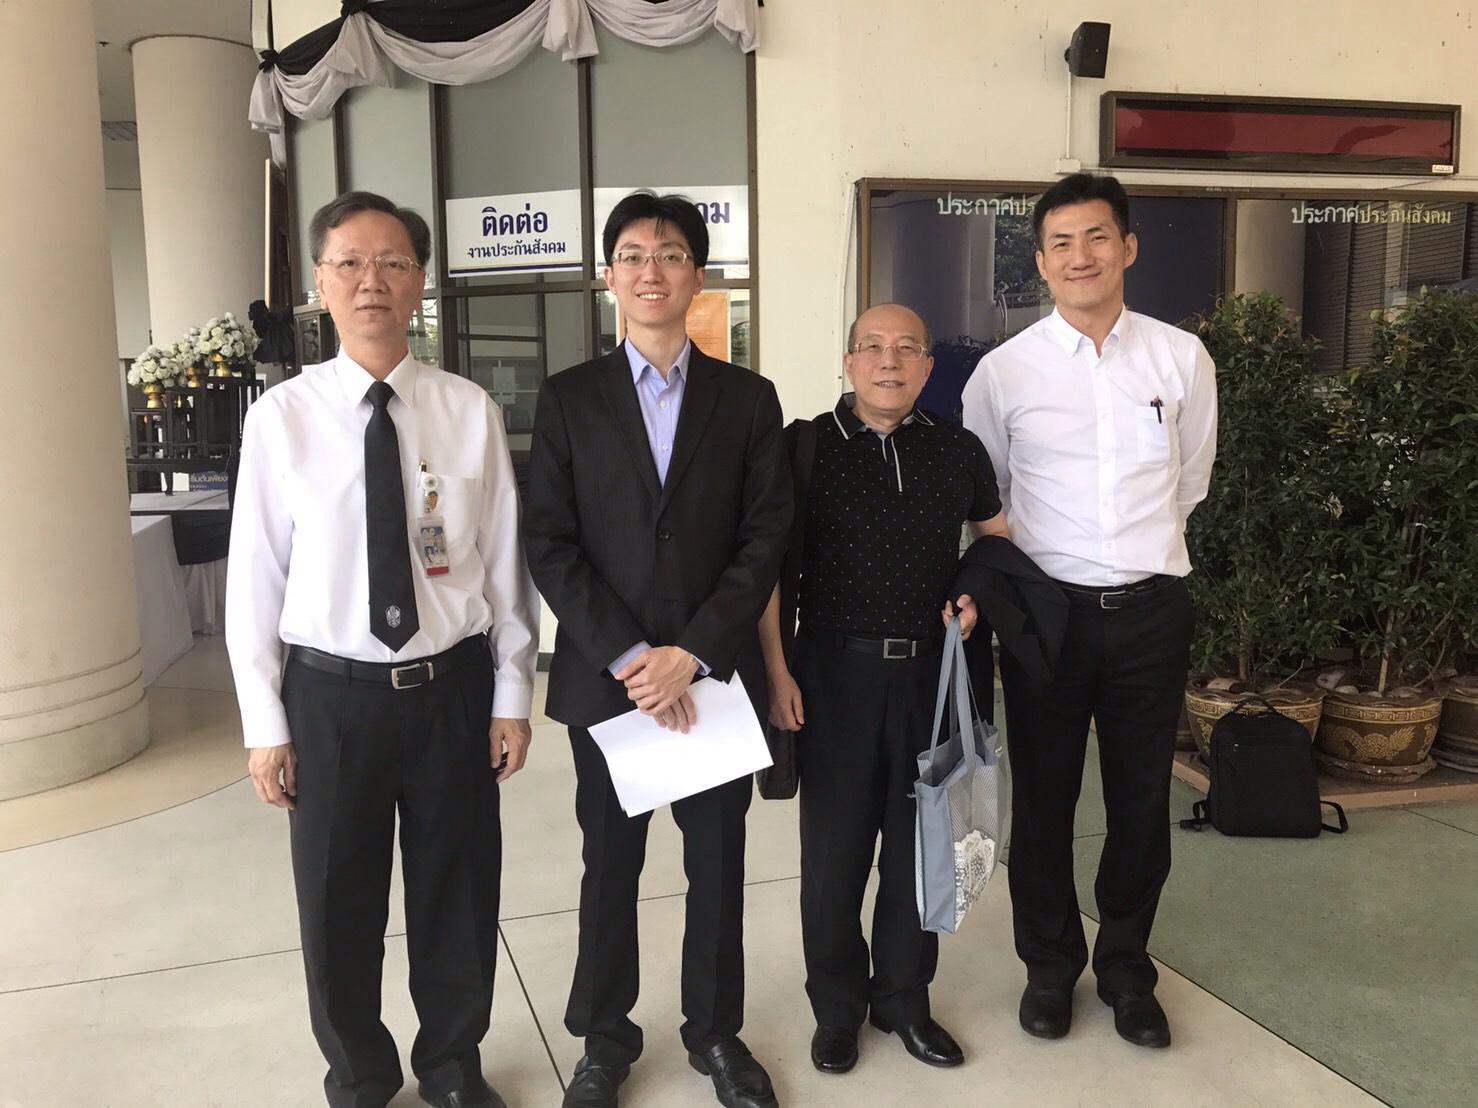 นายจ้างไต้หวันพอใจ ฝีมือคนงานไทย หลังทดสอบแล้วแจ้งรับเพิ่ม จาก 30 คนเป็น 150 คน มีกำหนดเดินทางเมษายน และพฤษภาคม นี้